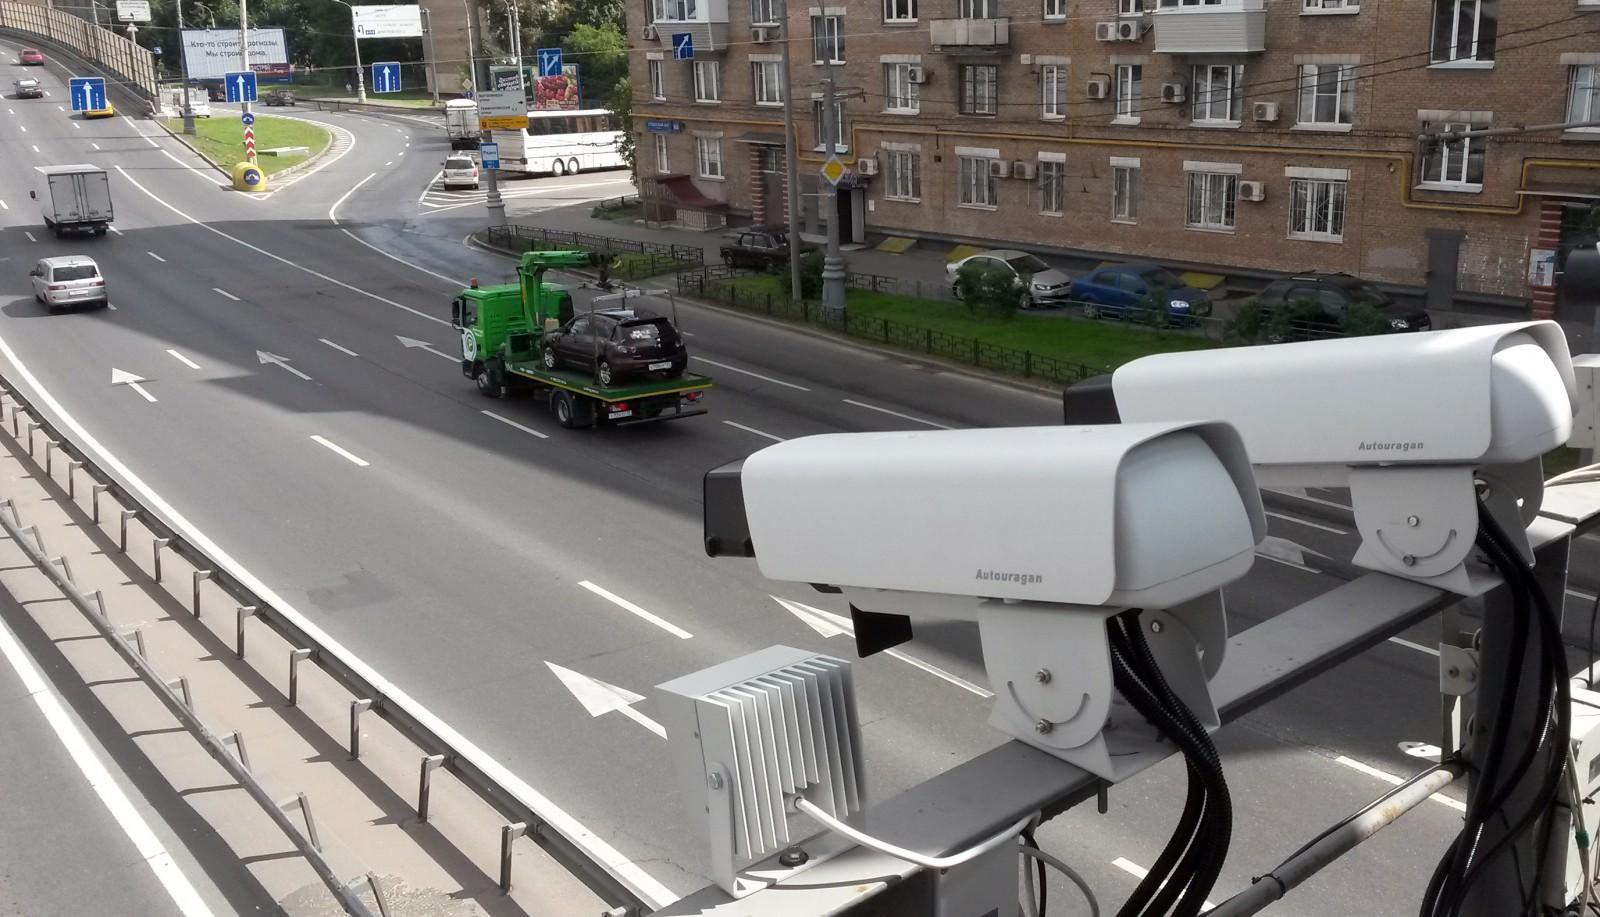 Ошибка камер слежения - первый раз в пользу народа